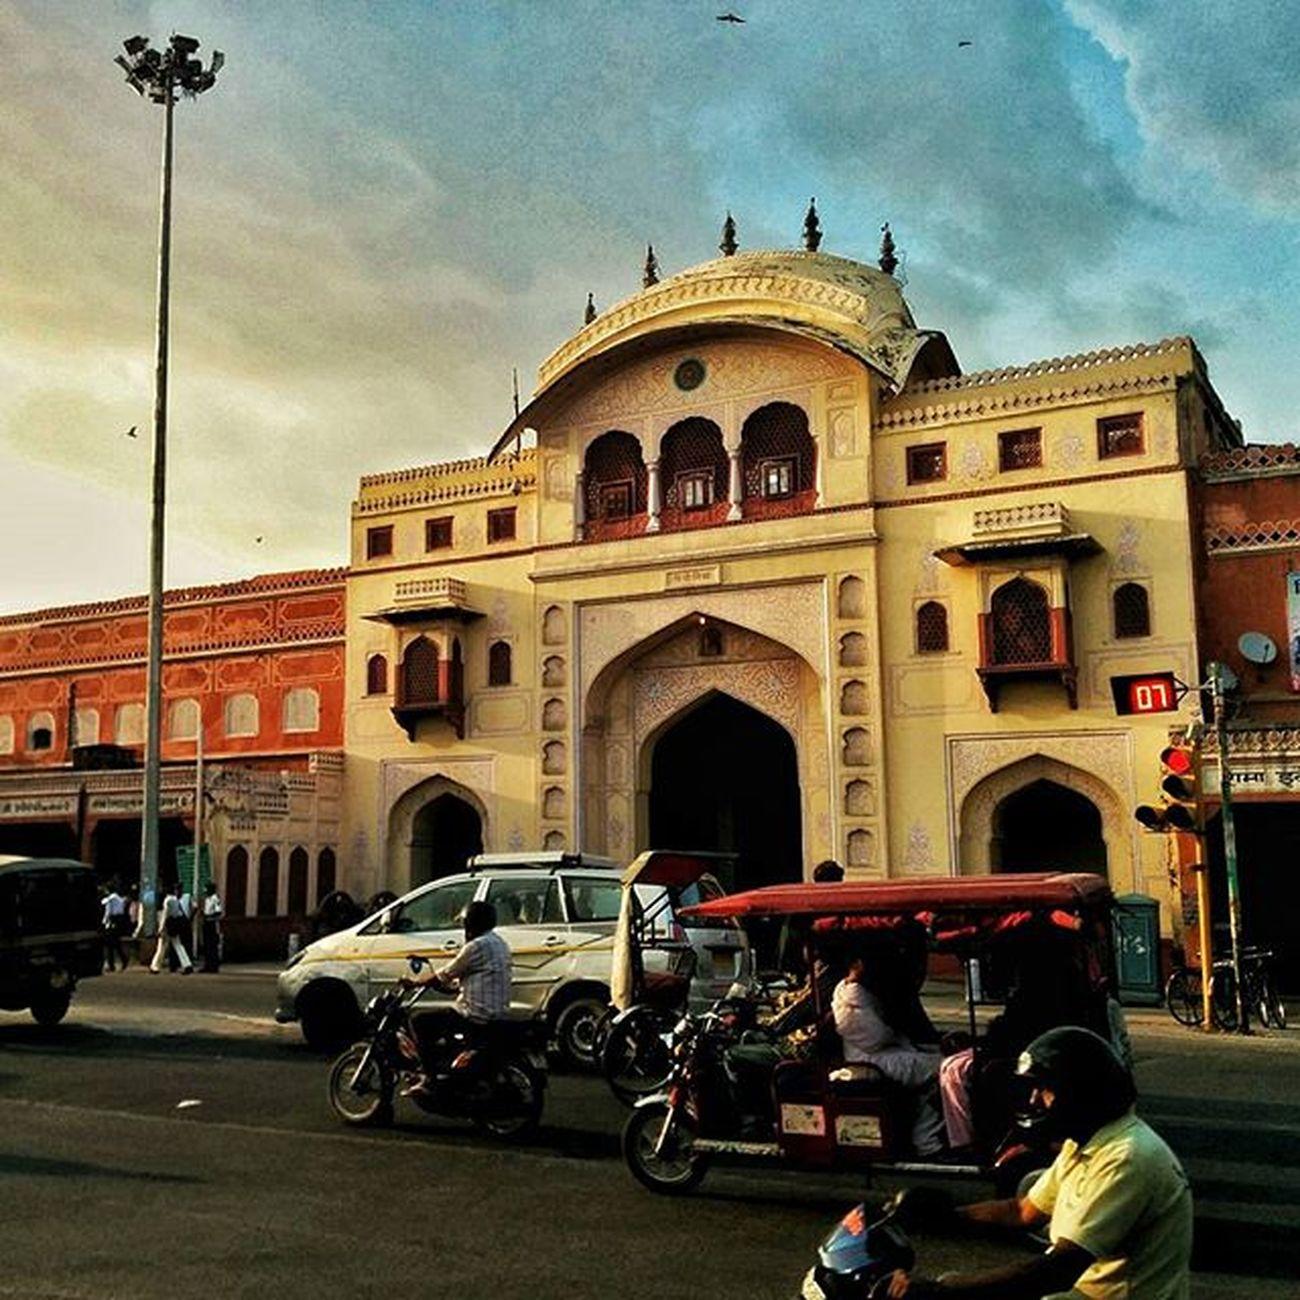 Jbclickz Jaipurcity Jaipurdiaries Atishmarket TravelPlaces